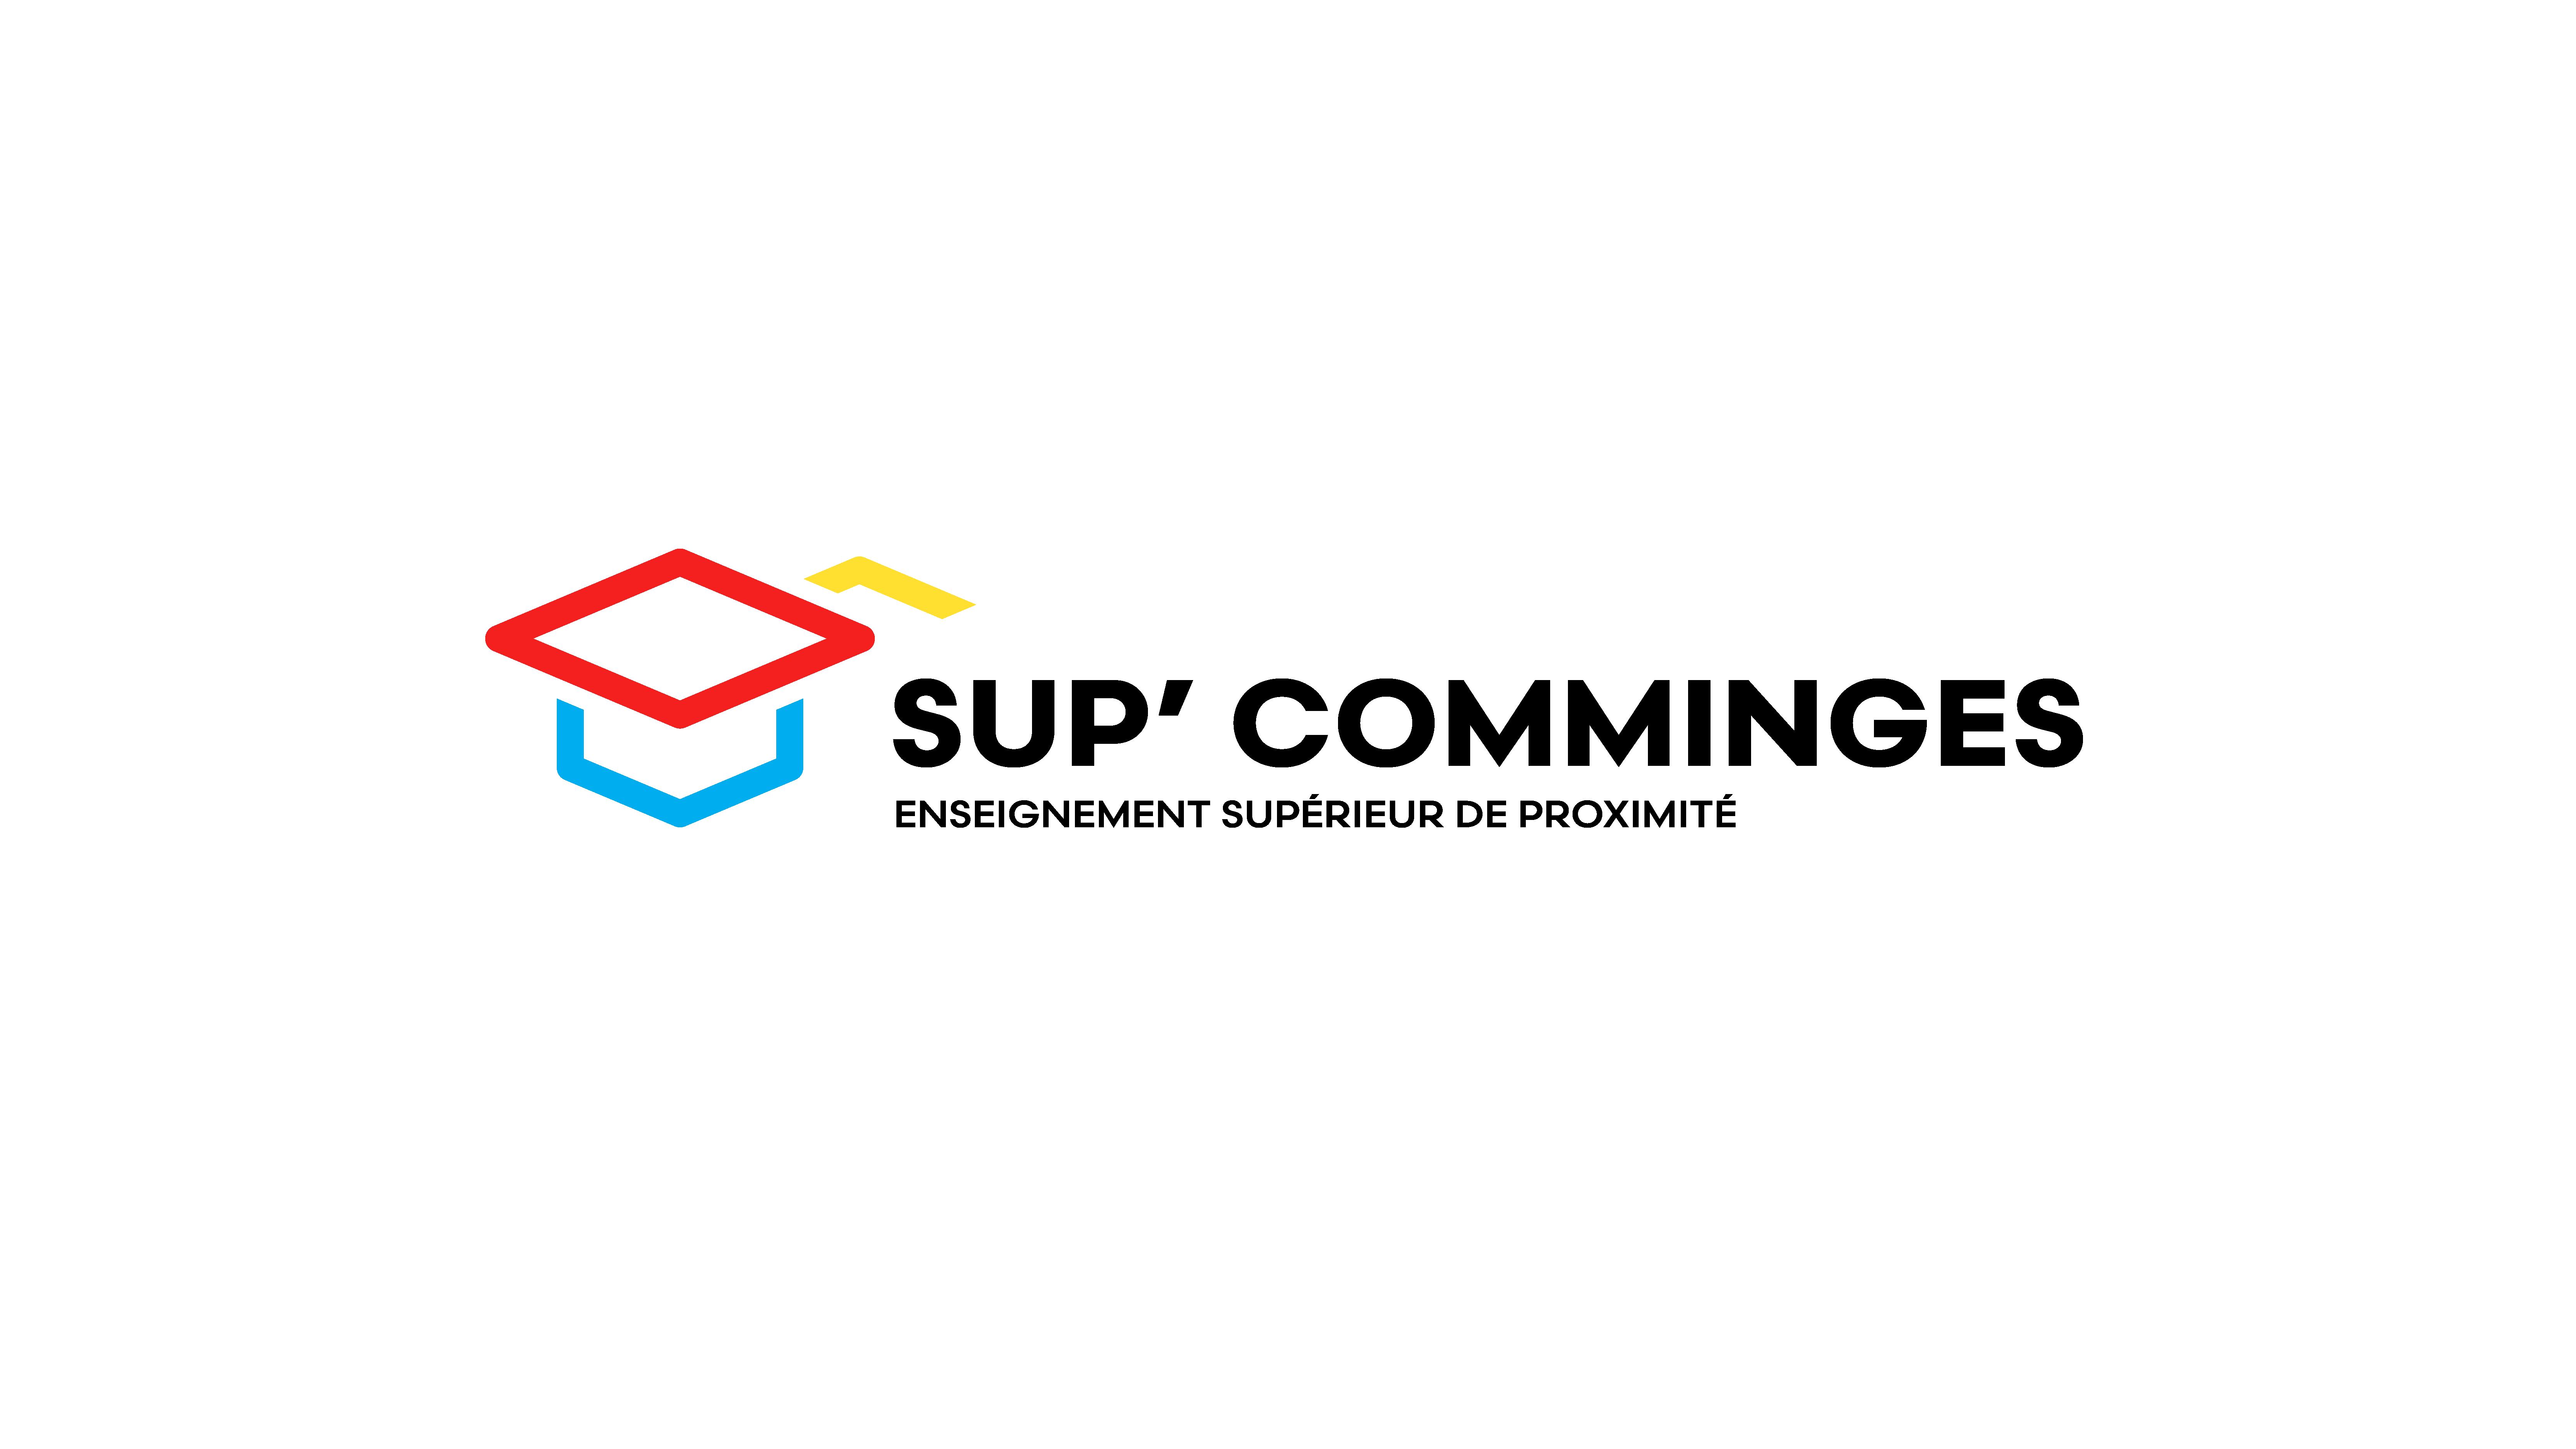 logo enseignement supérieur